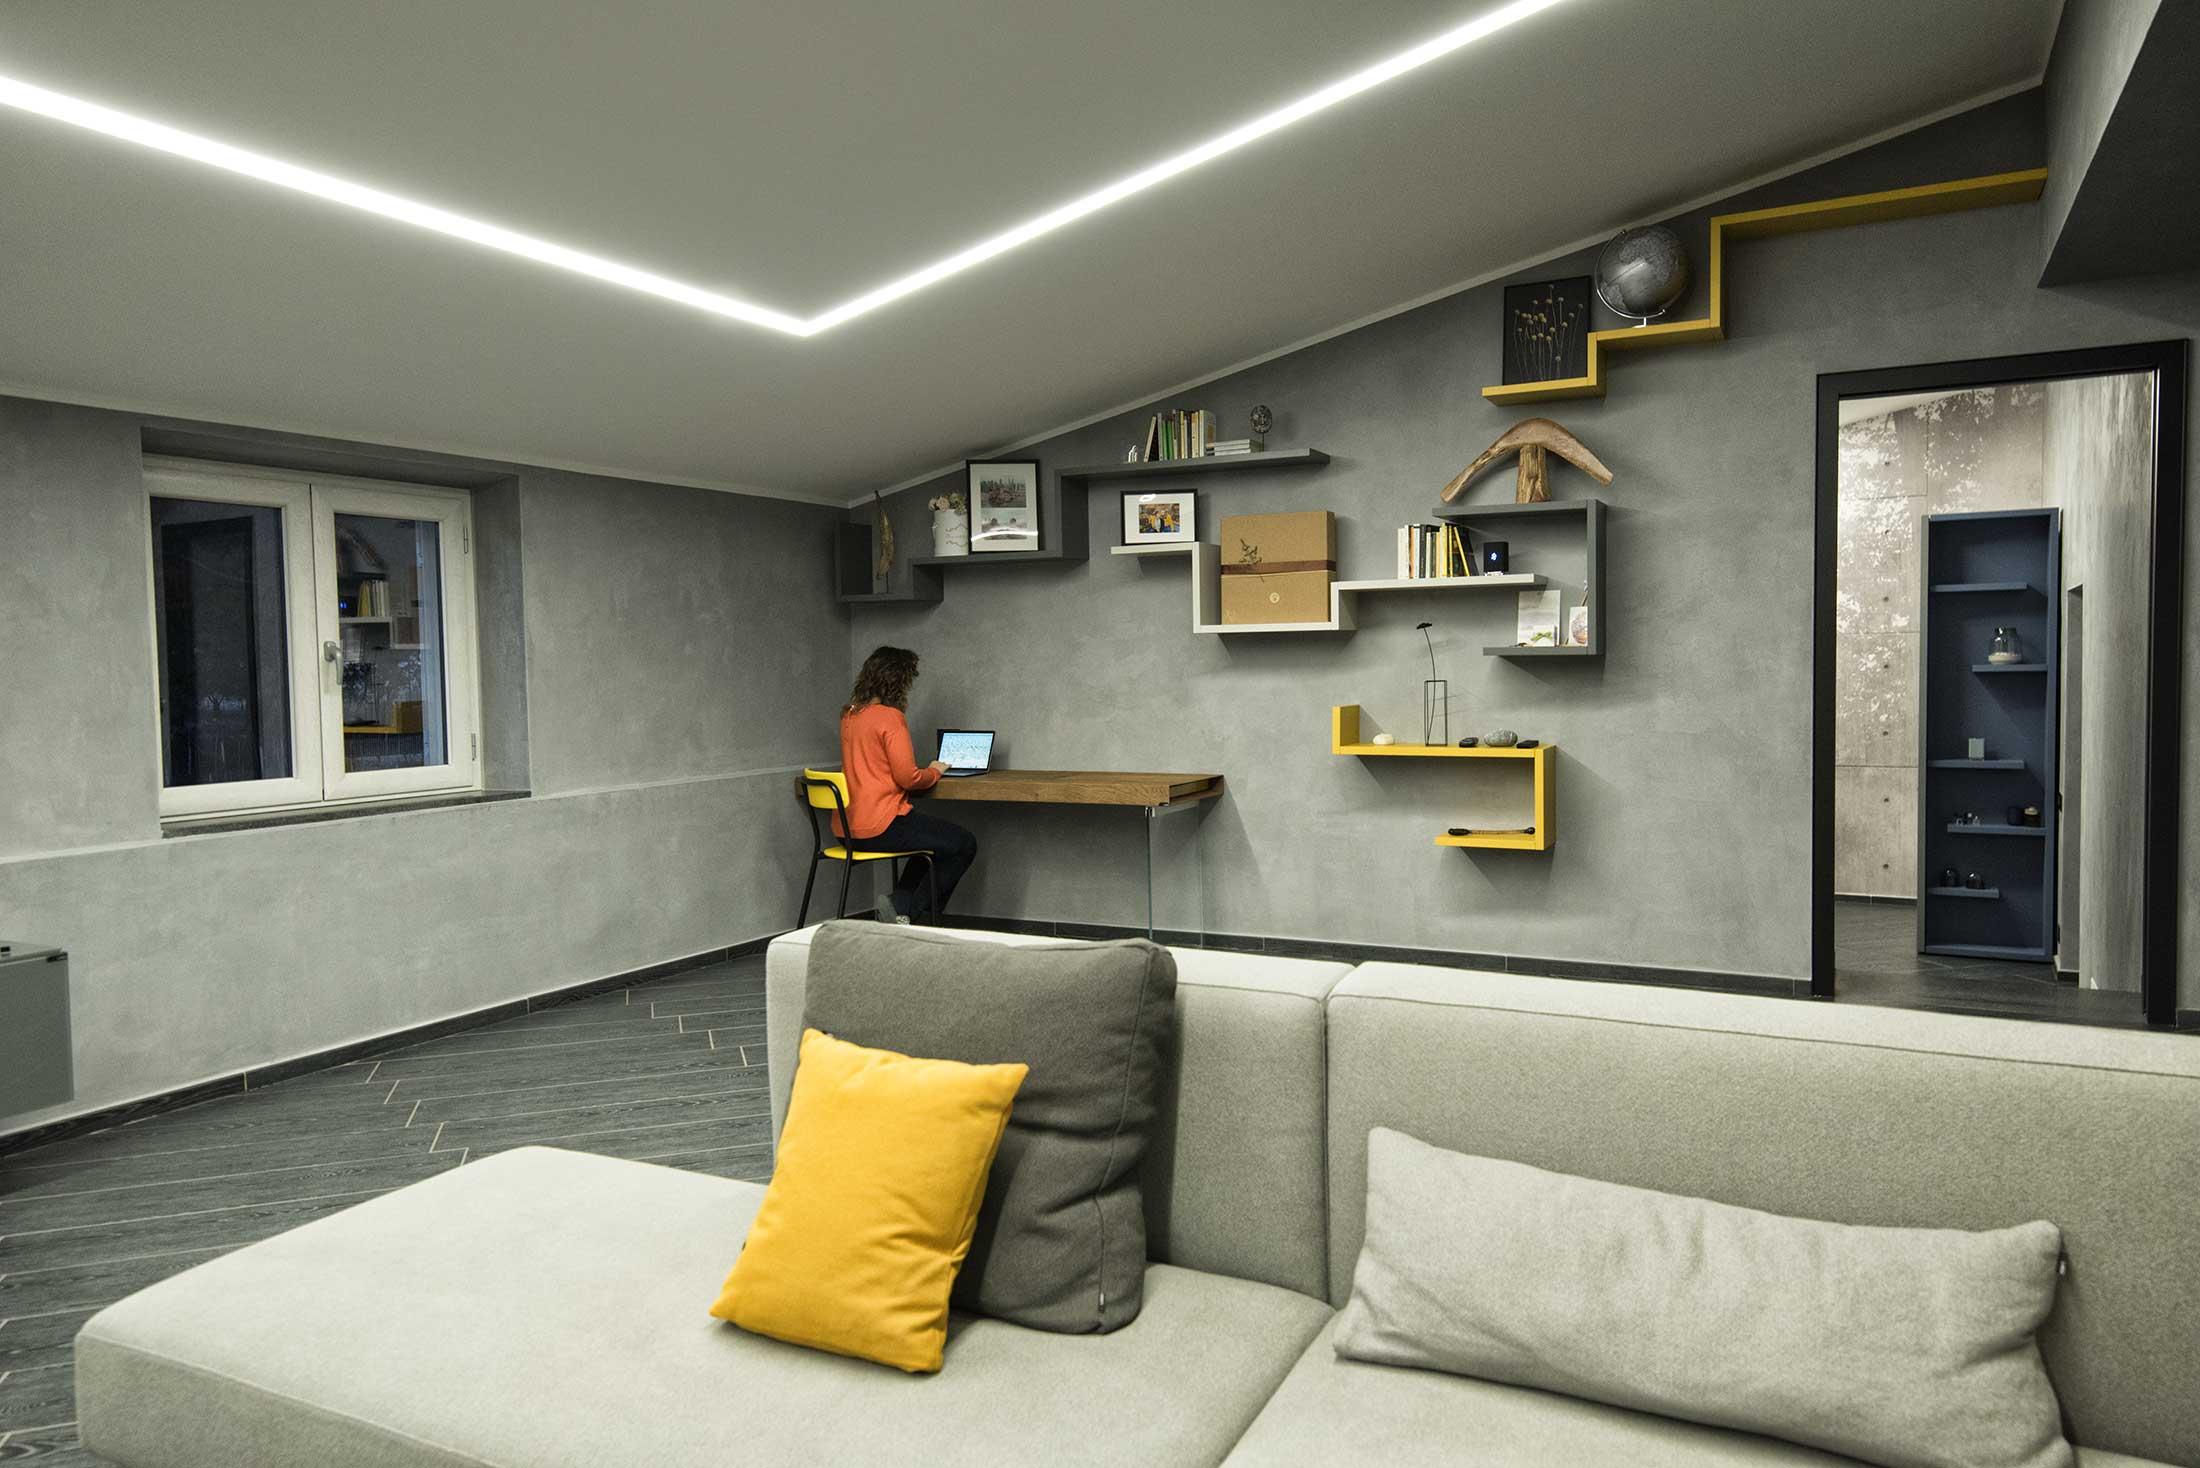 progetti-architettura-design-Formia-Addessi-Design-progettazione (3)